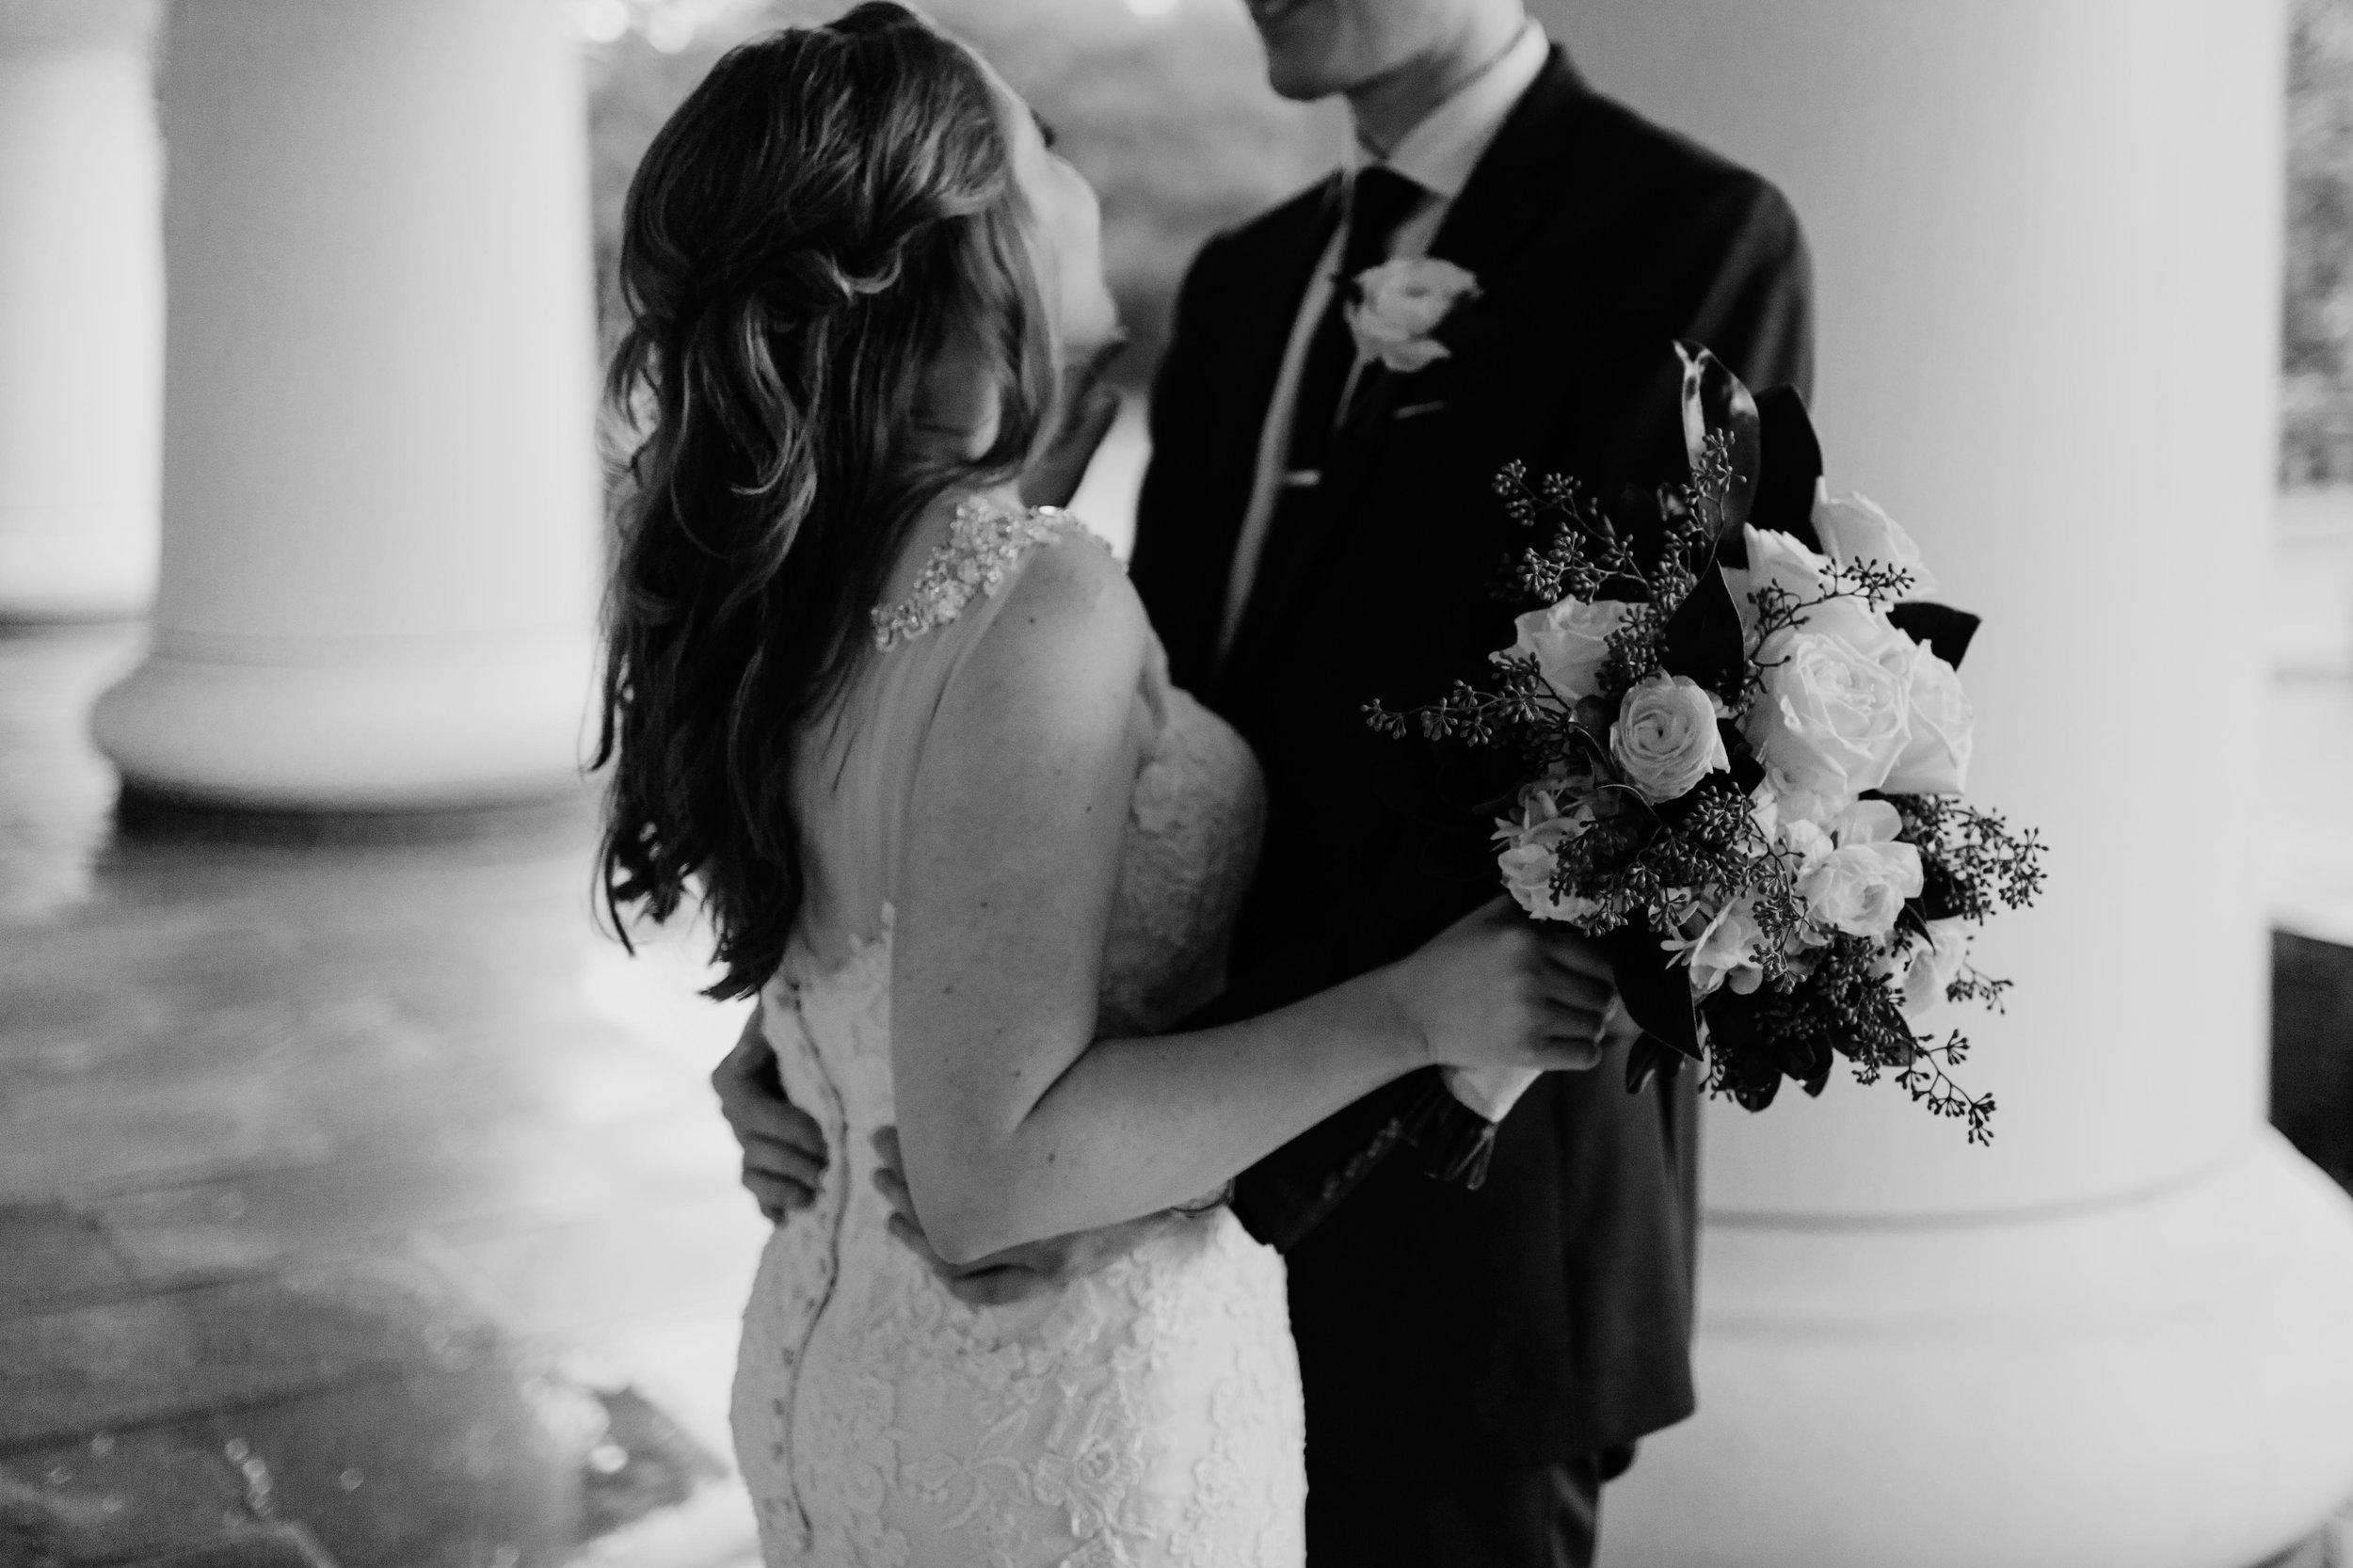 ALICIAandPETER-bridegroom (48 of 254).jpg